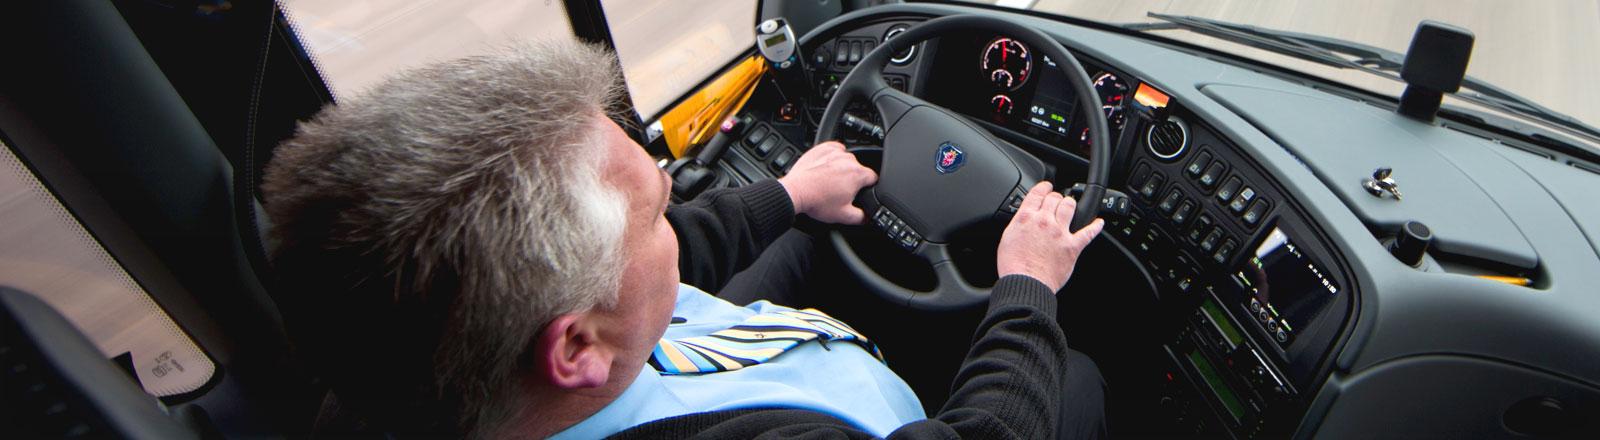 Ein Busfahrer am Steuer eines ADAC-Postbusses.